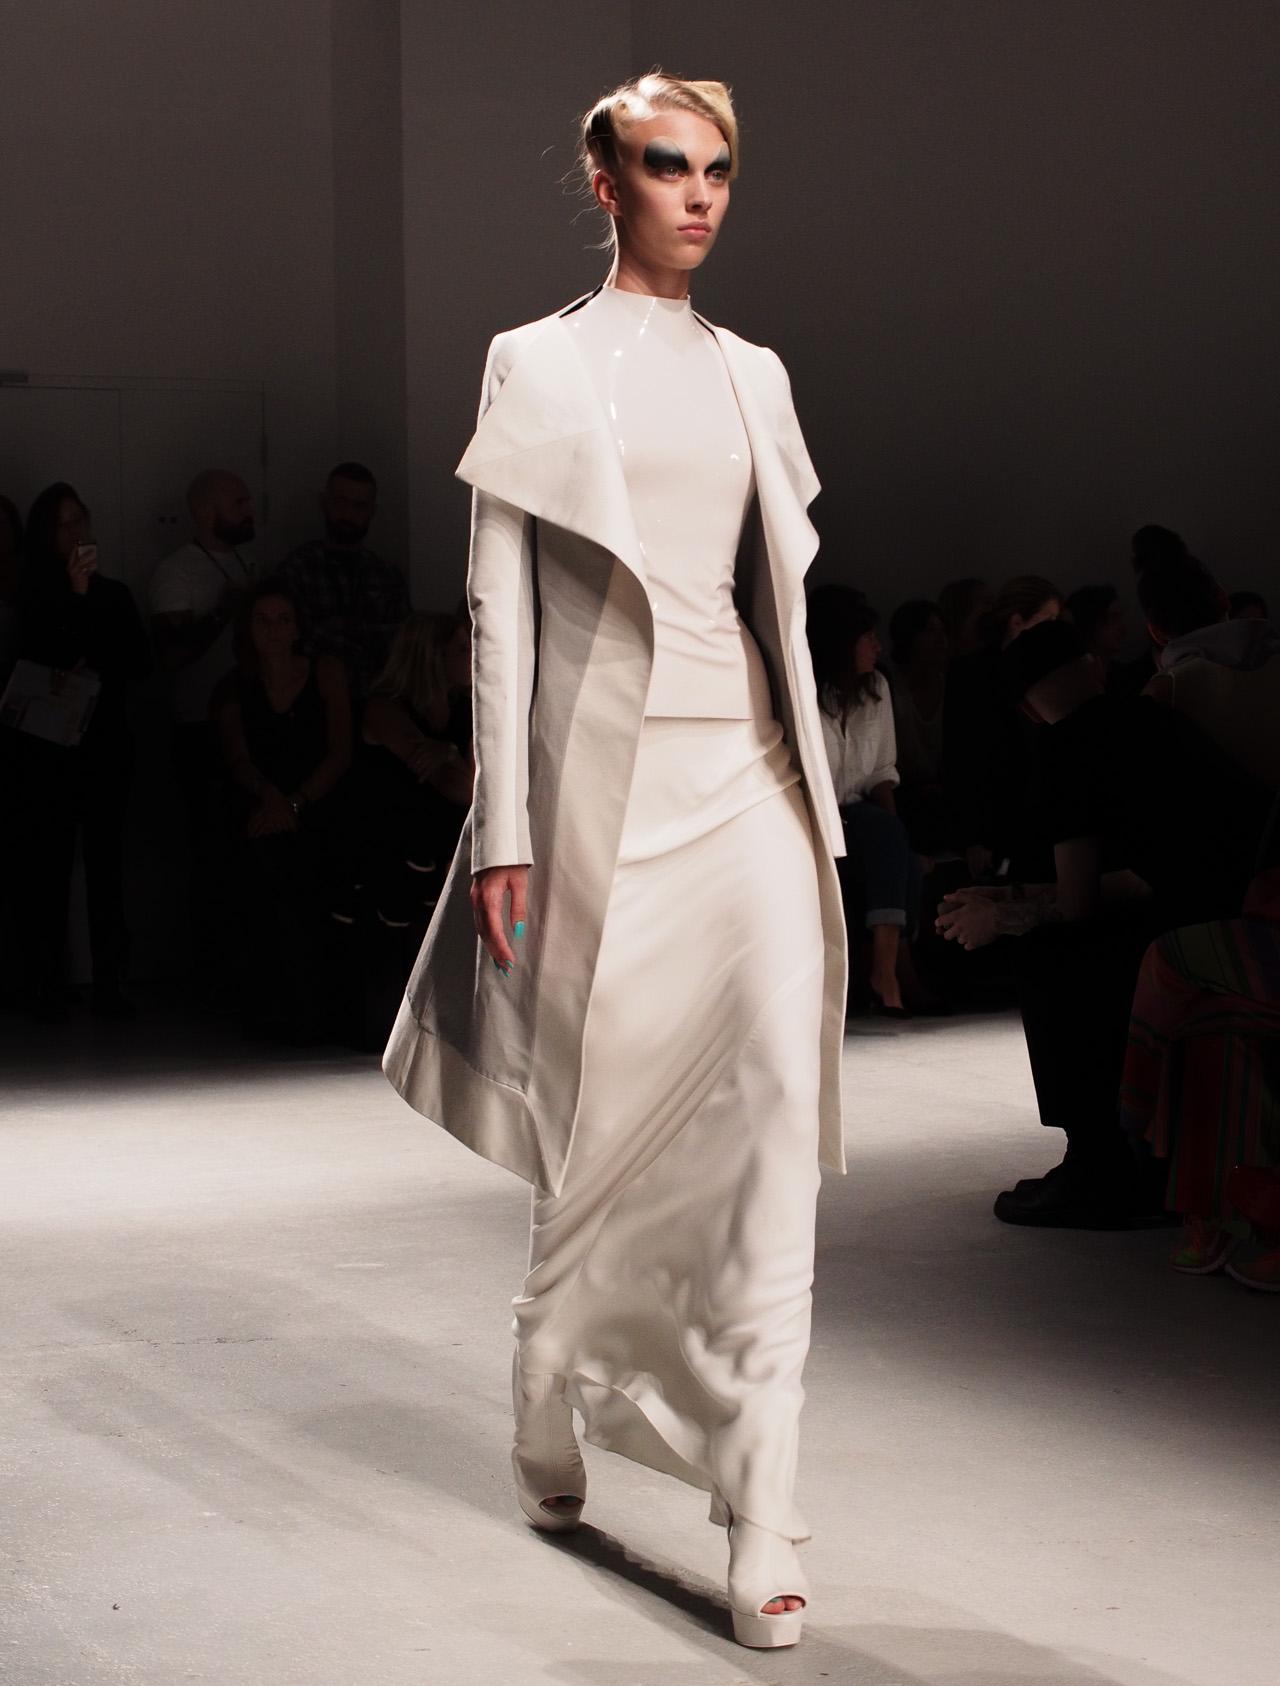 Gareth pugh architectural fashion 29